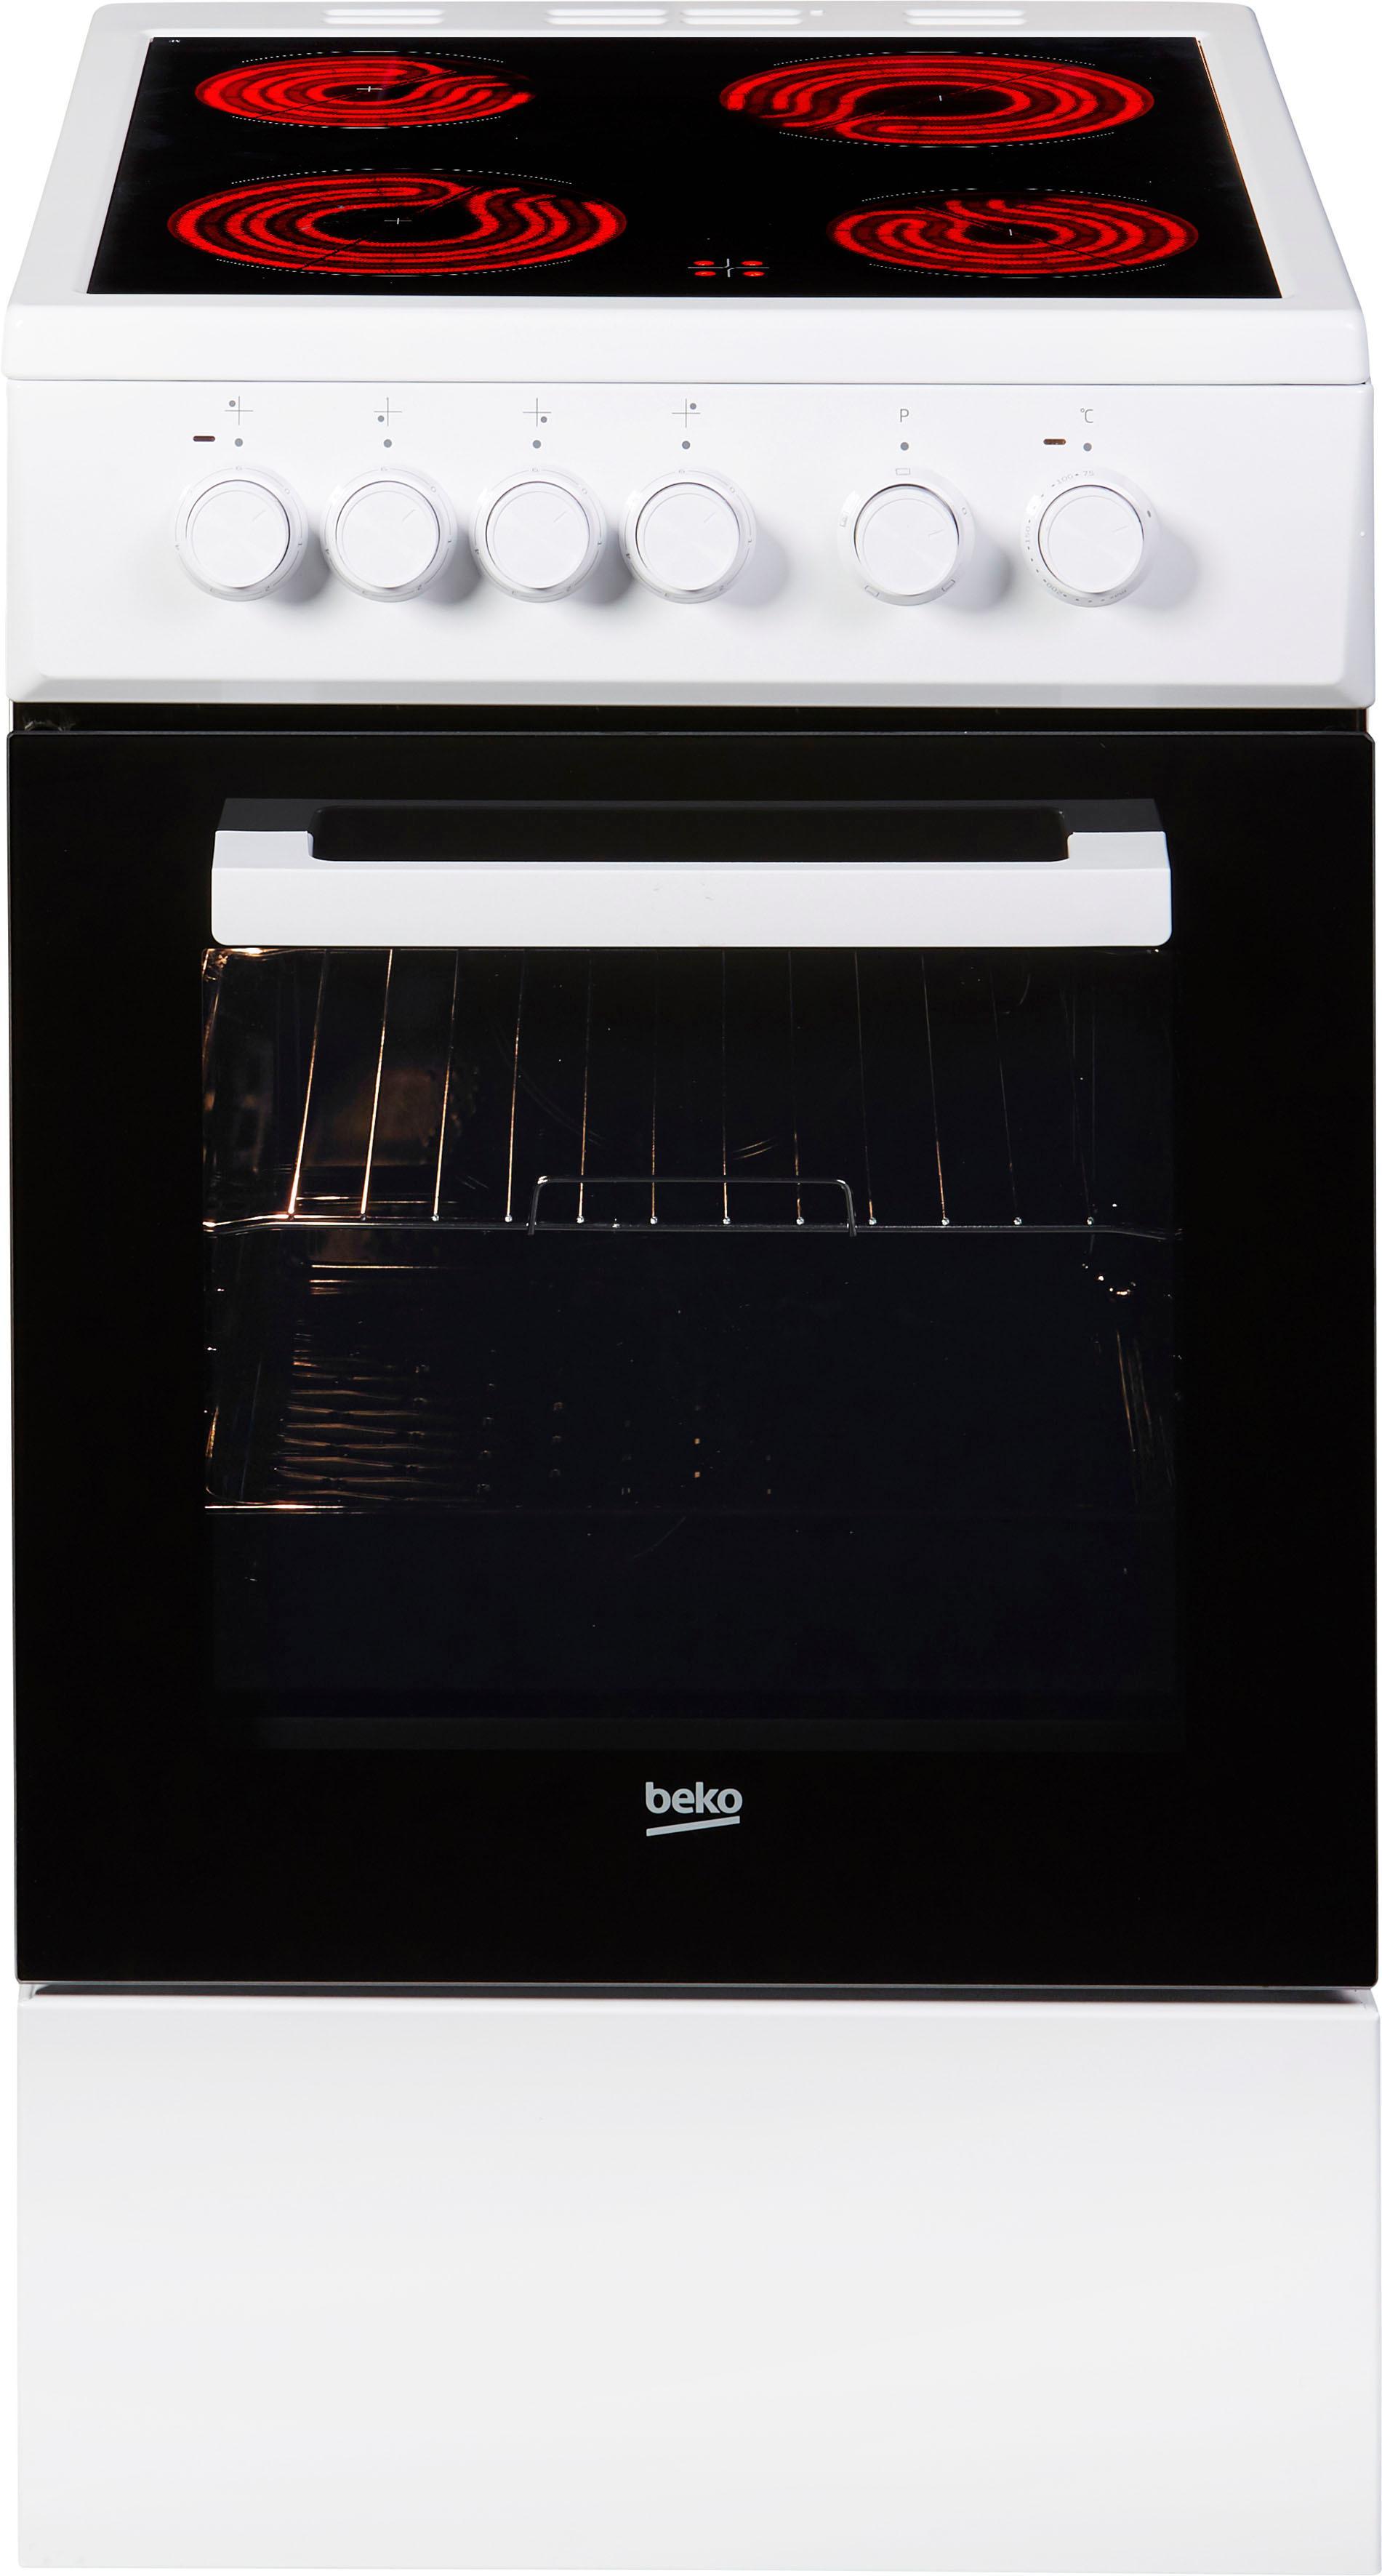 BEKO Elektro-Standherd »FSS57000GW«, FSS57000GW, mit Backauszug, Simple Steam Reinigungsfunktion, mit Kleinflächengrill